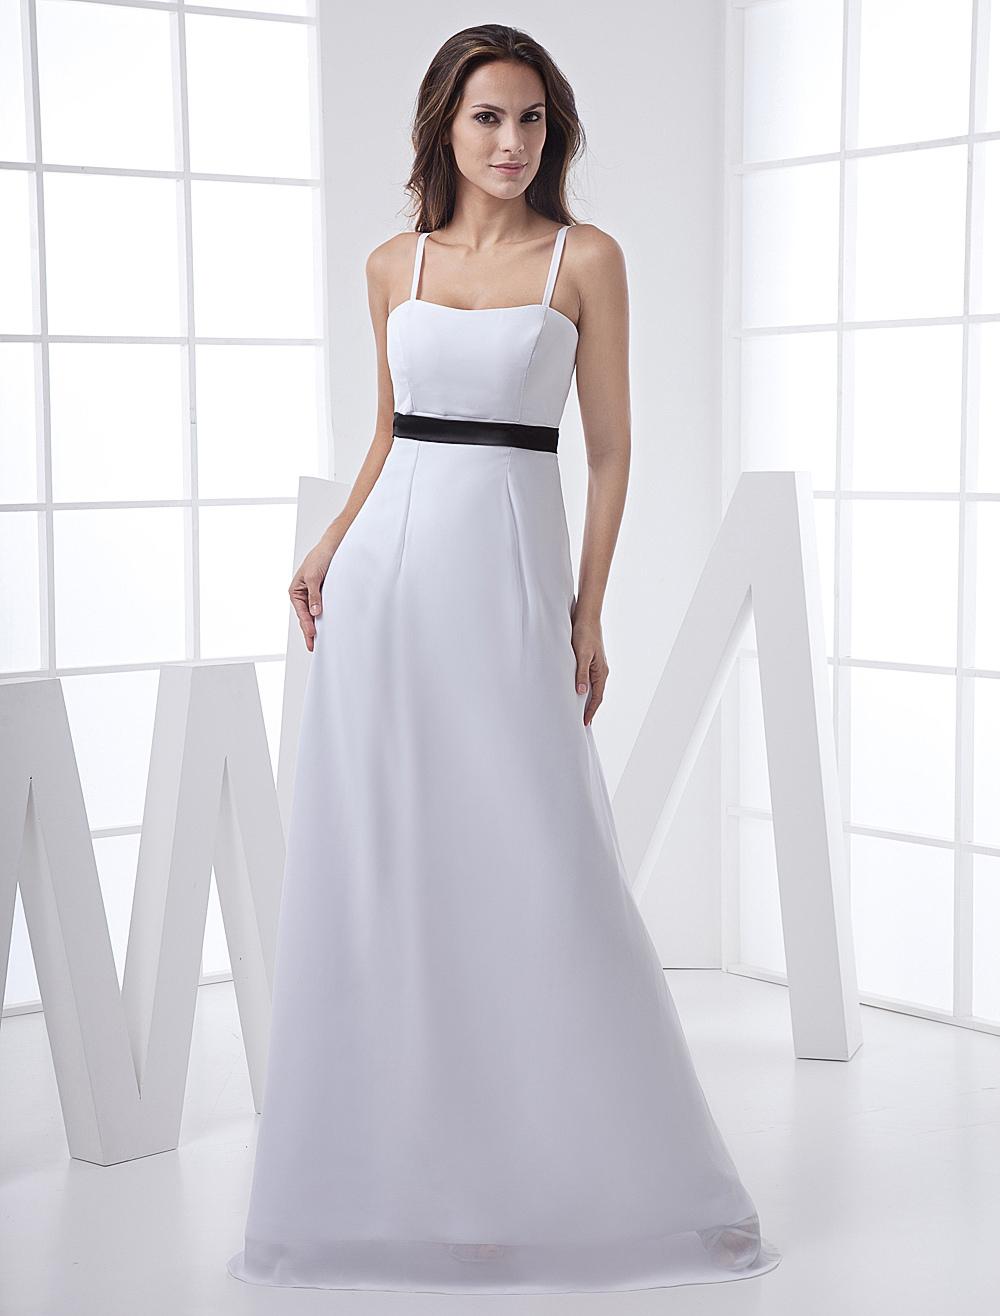 Sheath White Sash Satin Bridesmaid Dress